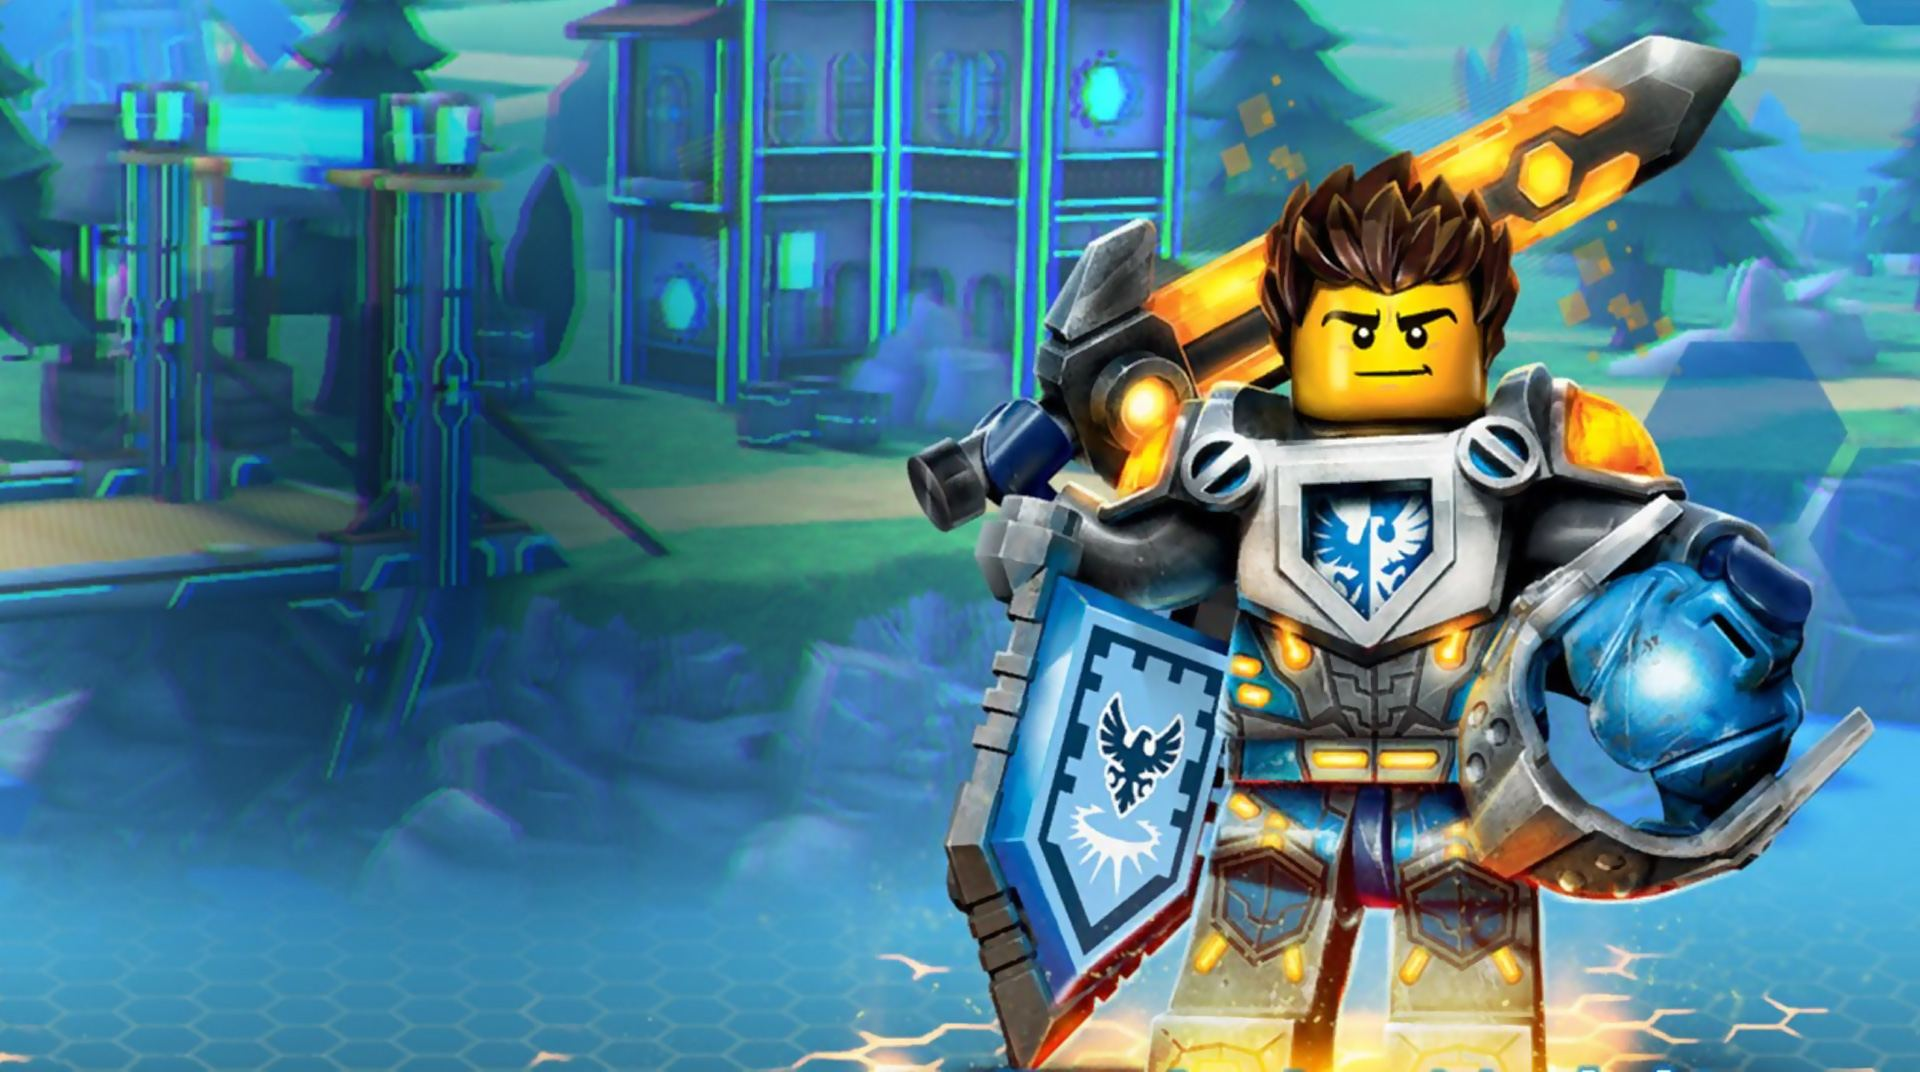 Lego рыцари нексо торрент мультфильм   cristinaamerman.